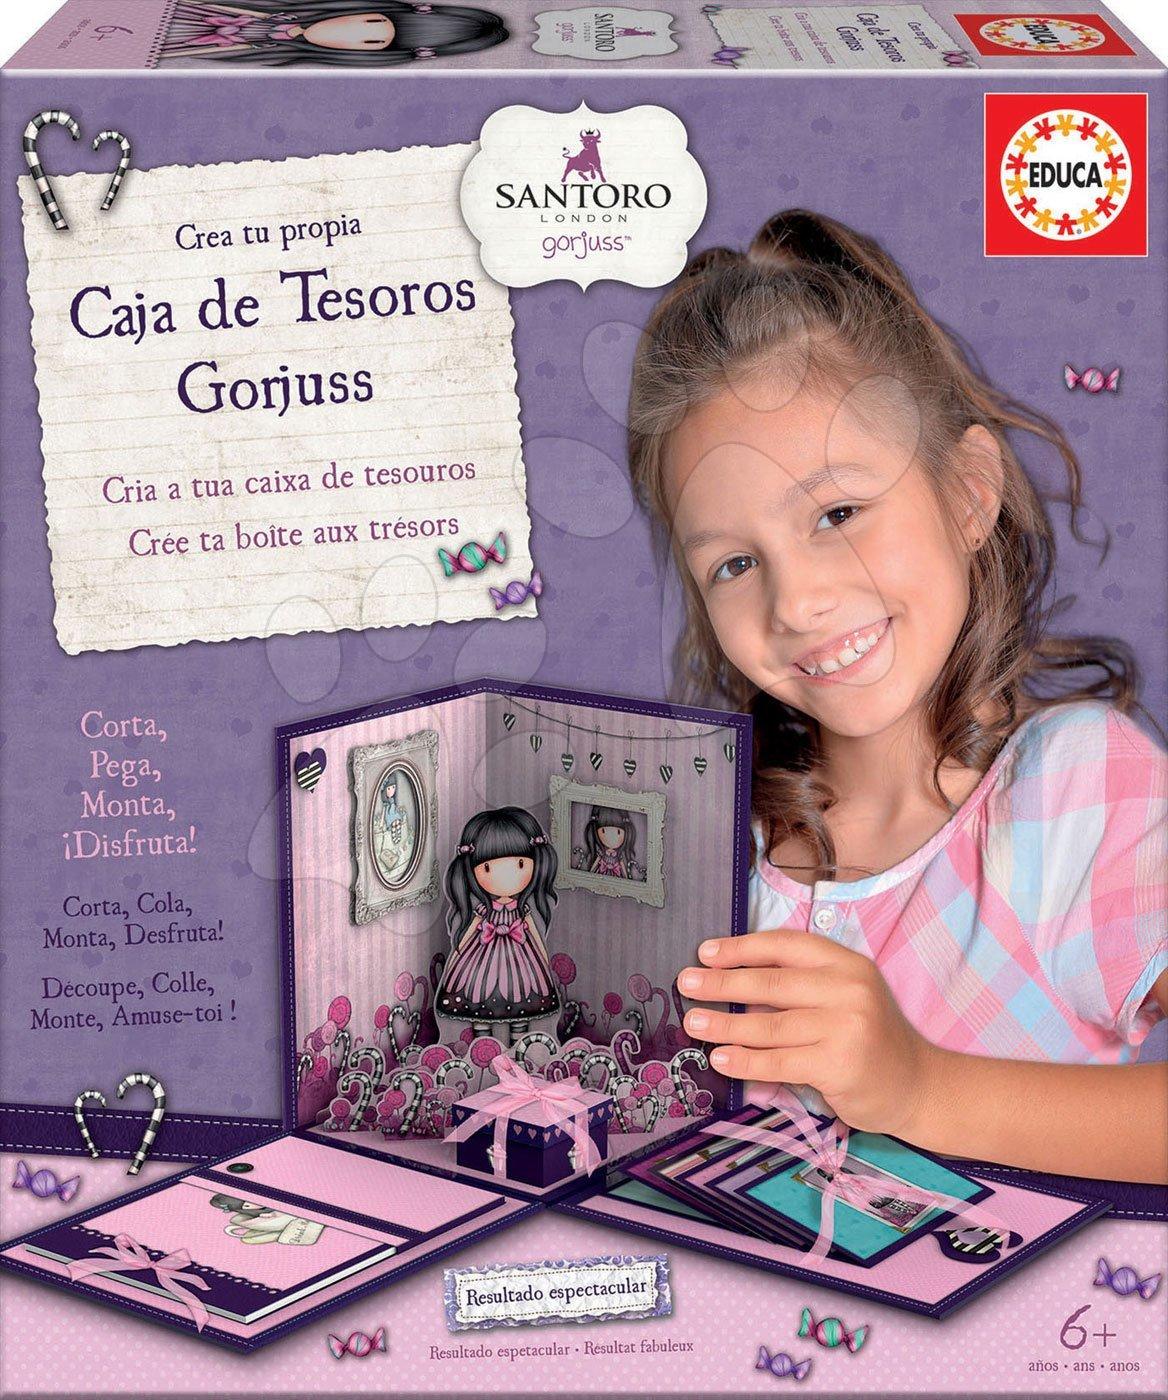 Lányok titka Santoro London Gorjuss Educa ügyeskezűeknek 6 évtől